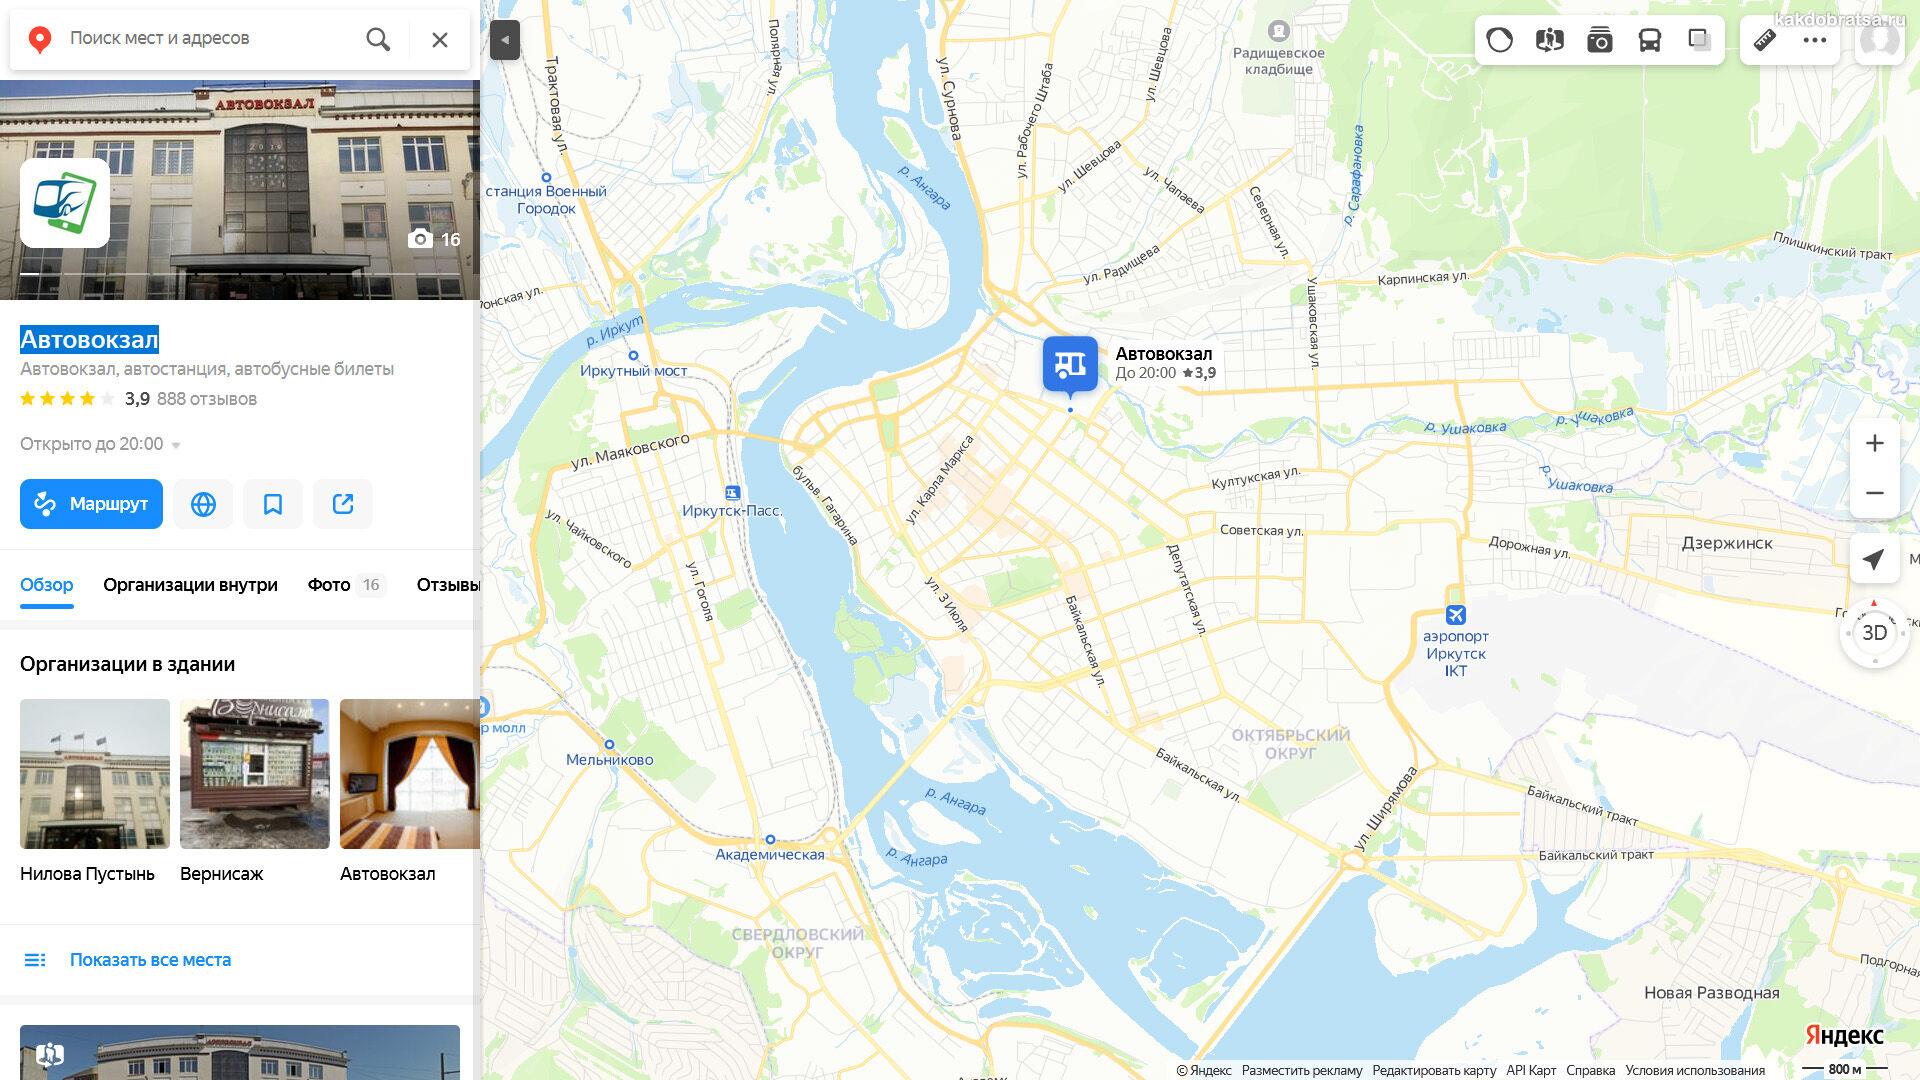 Иркутск автовокзал где находится и расположение на карте